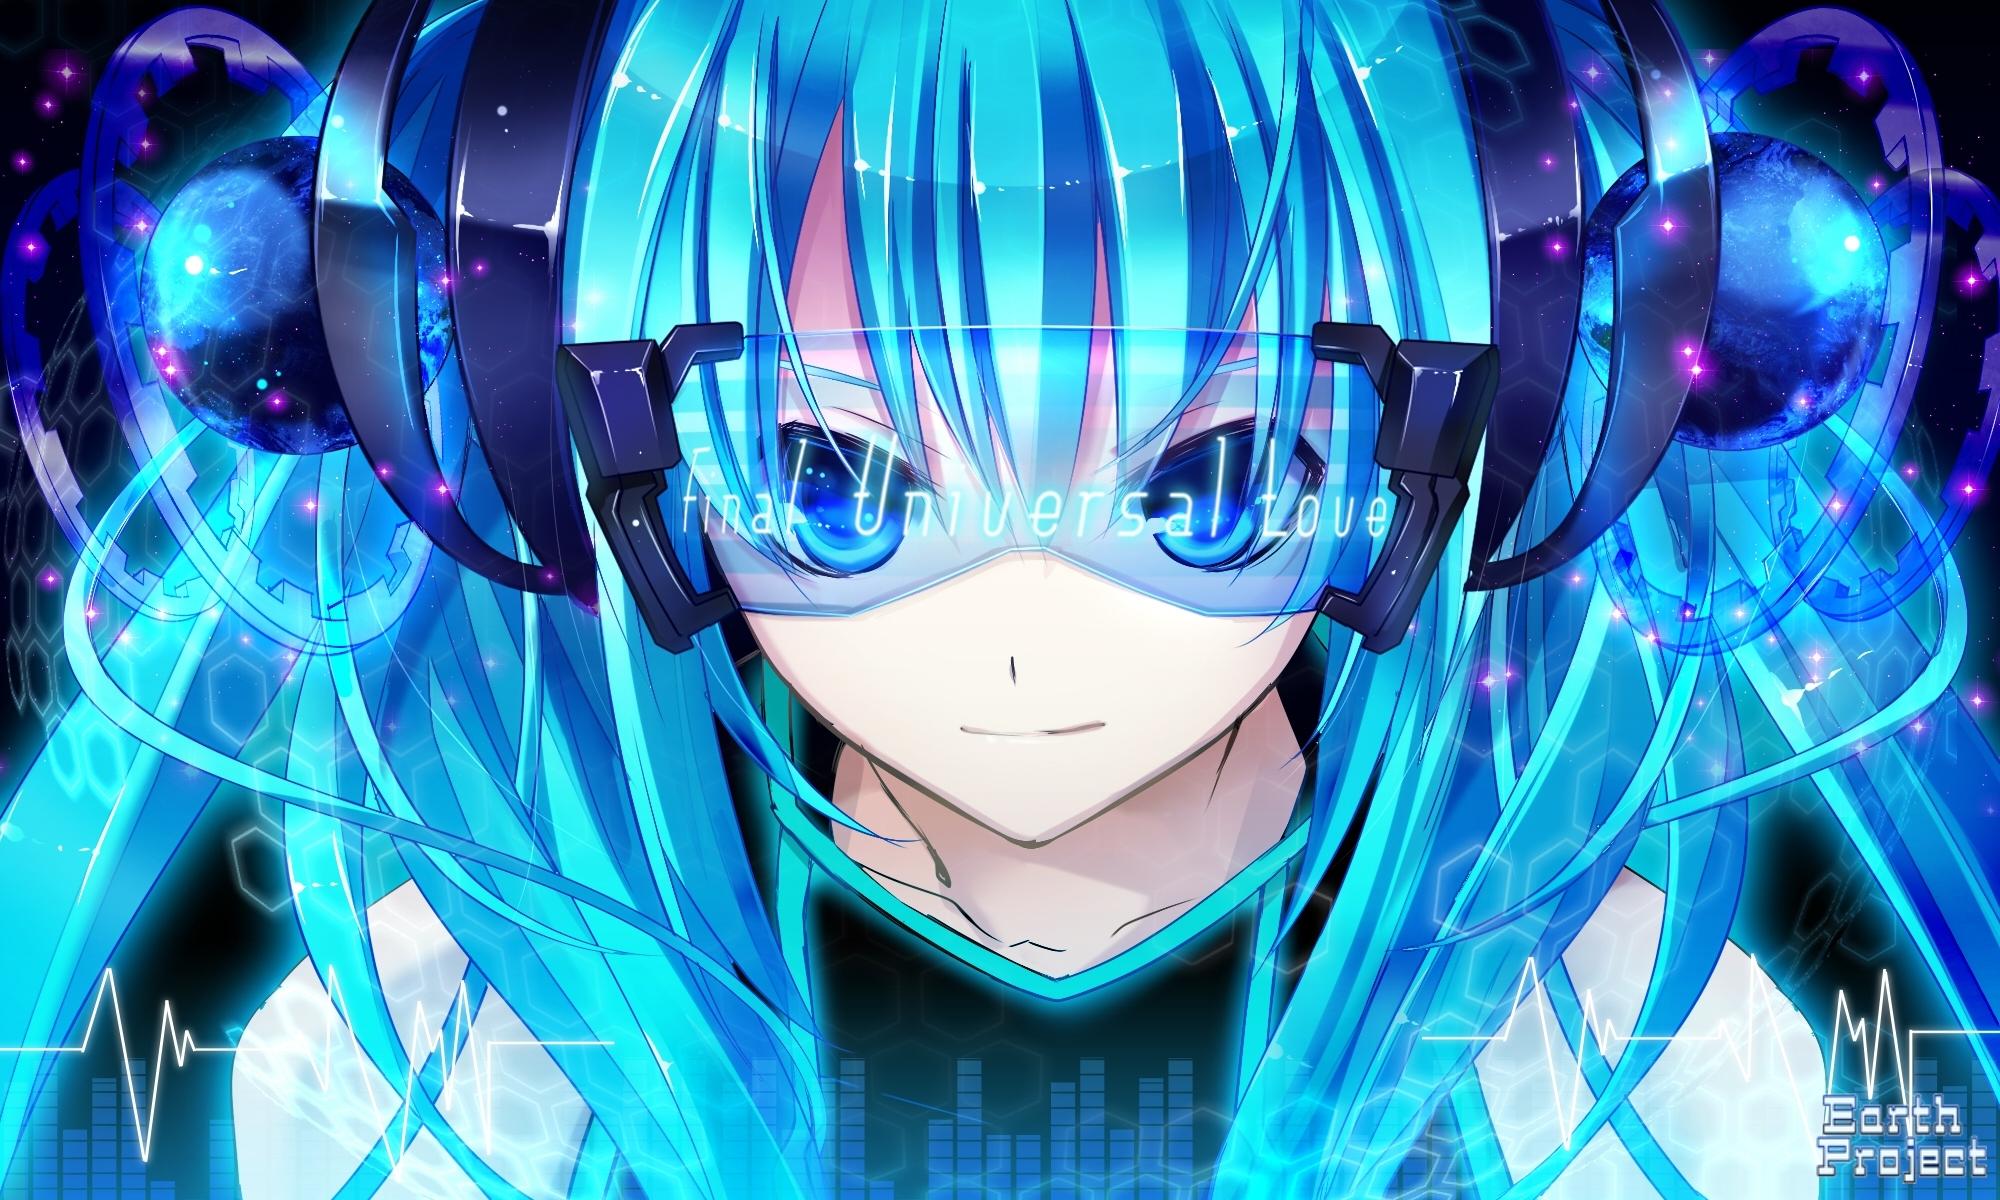 5435 hatsune miku fonds d'écran hd | arrière-plans - wallpaper abyss